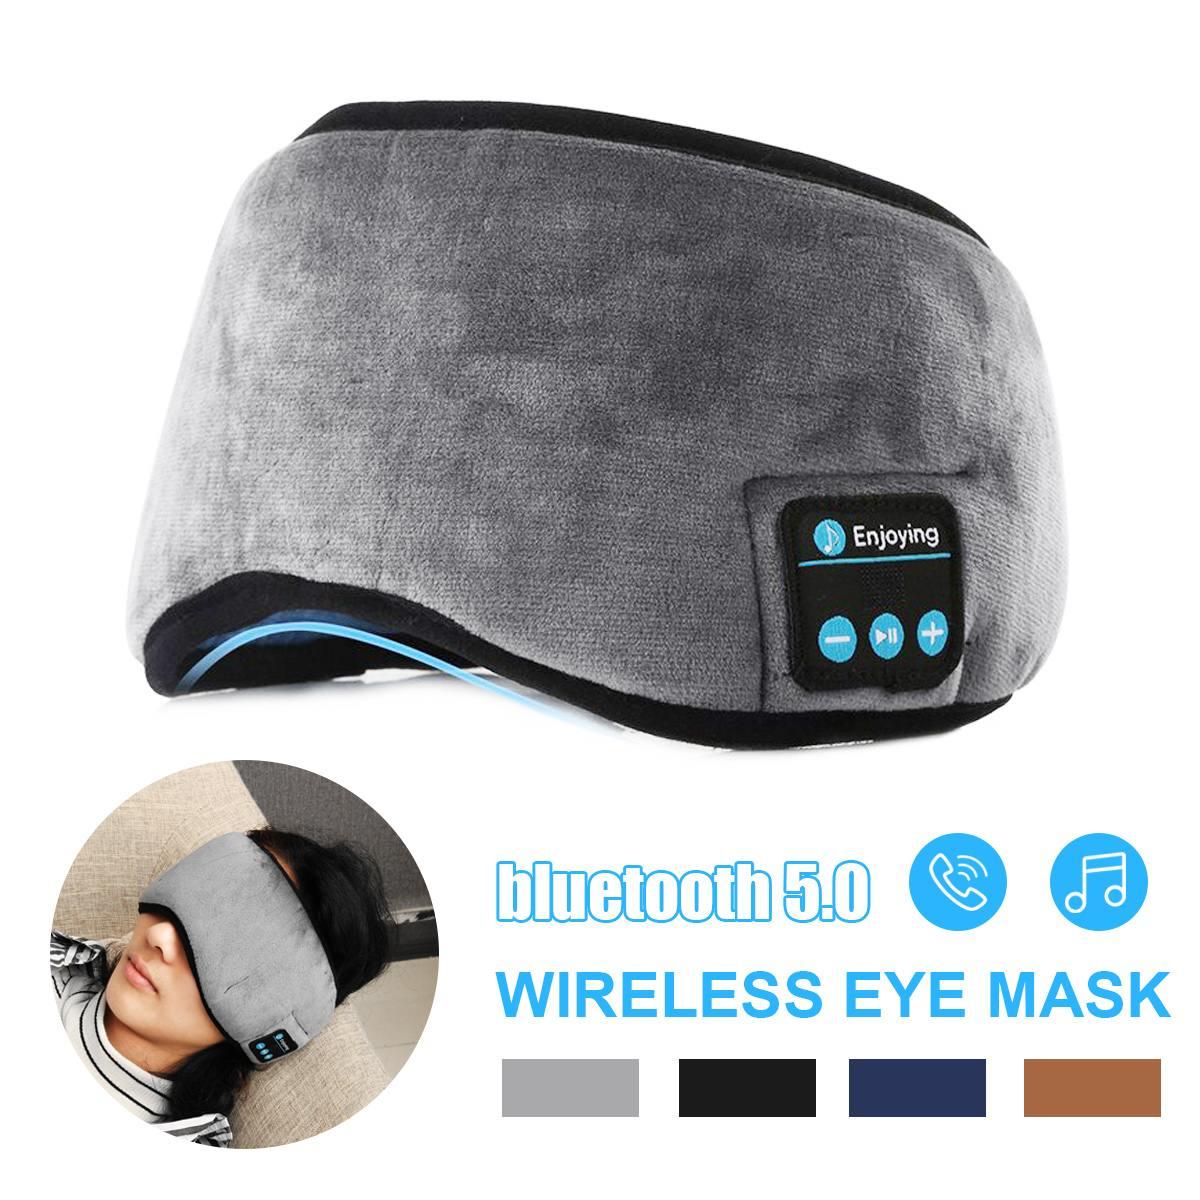 Fones de Ouvido sem Fio Máscara de Olho Fone de Ouvido Máscaras de Olho com Built-in Bluetooth Estéreo Música Sono Viagens Alto-falantes Mic 5.0